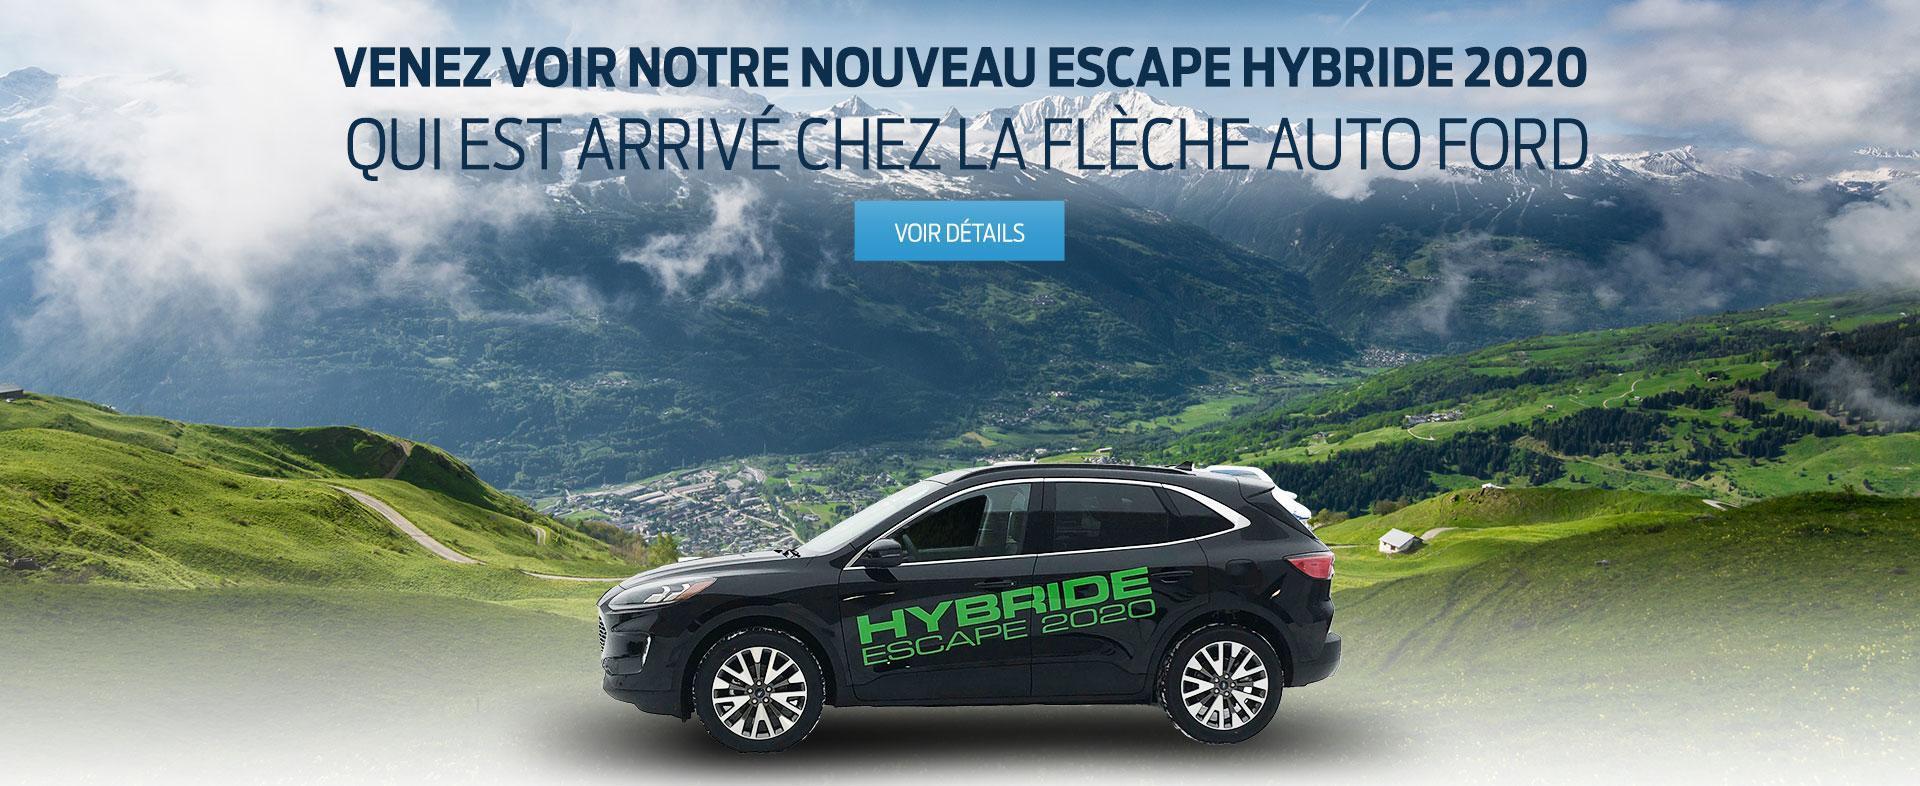 Ford Escape Hybrid | La Flèche Auto